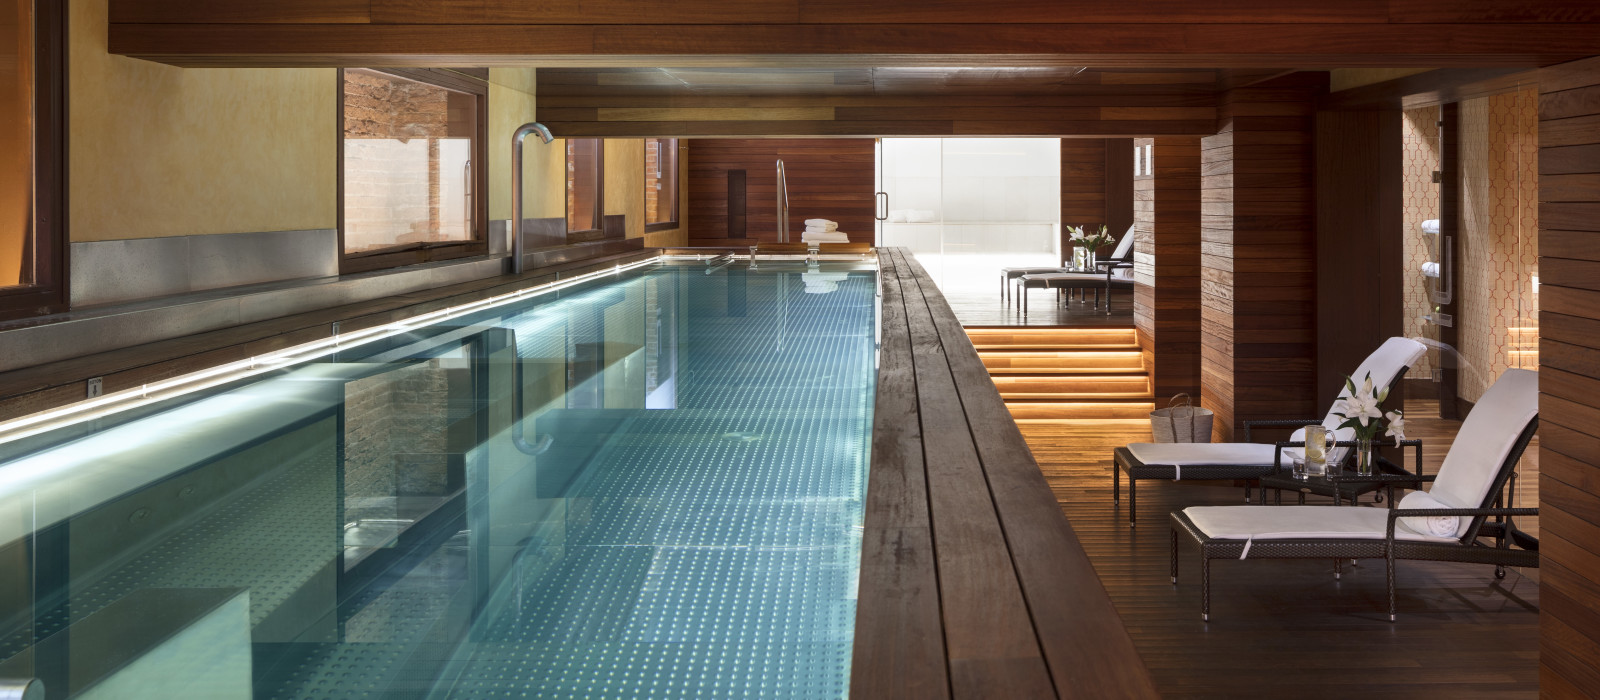 Hotel URSO  & Spa Spain